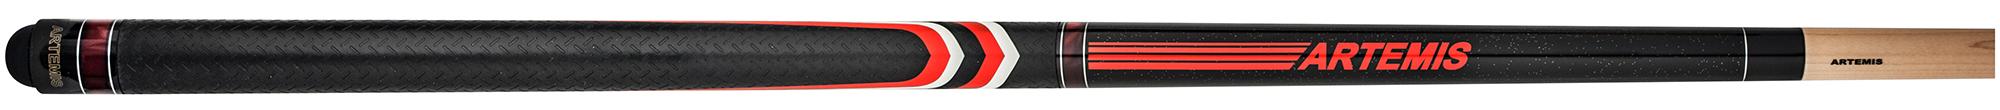 CK0288:  Artemis Nano Sports Red #1